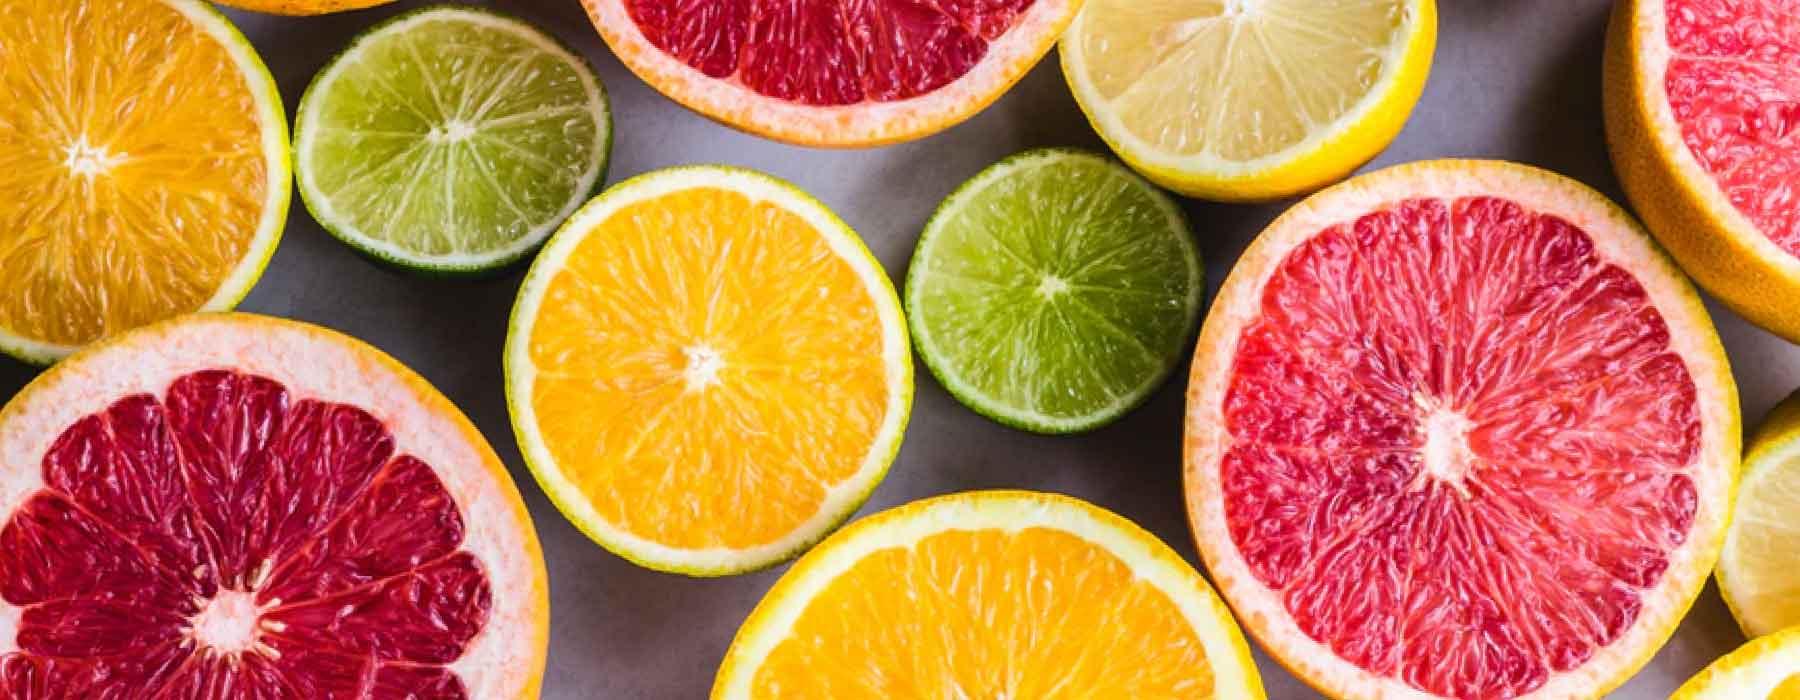 alimentação saudável em tempos de COVID-19